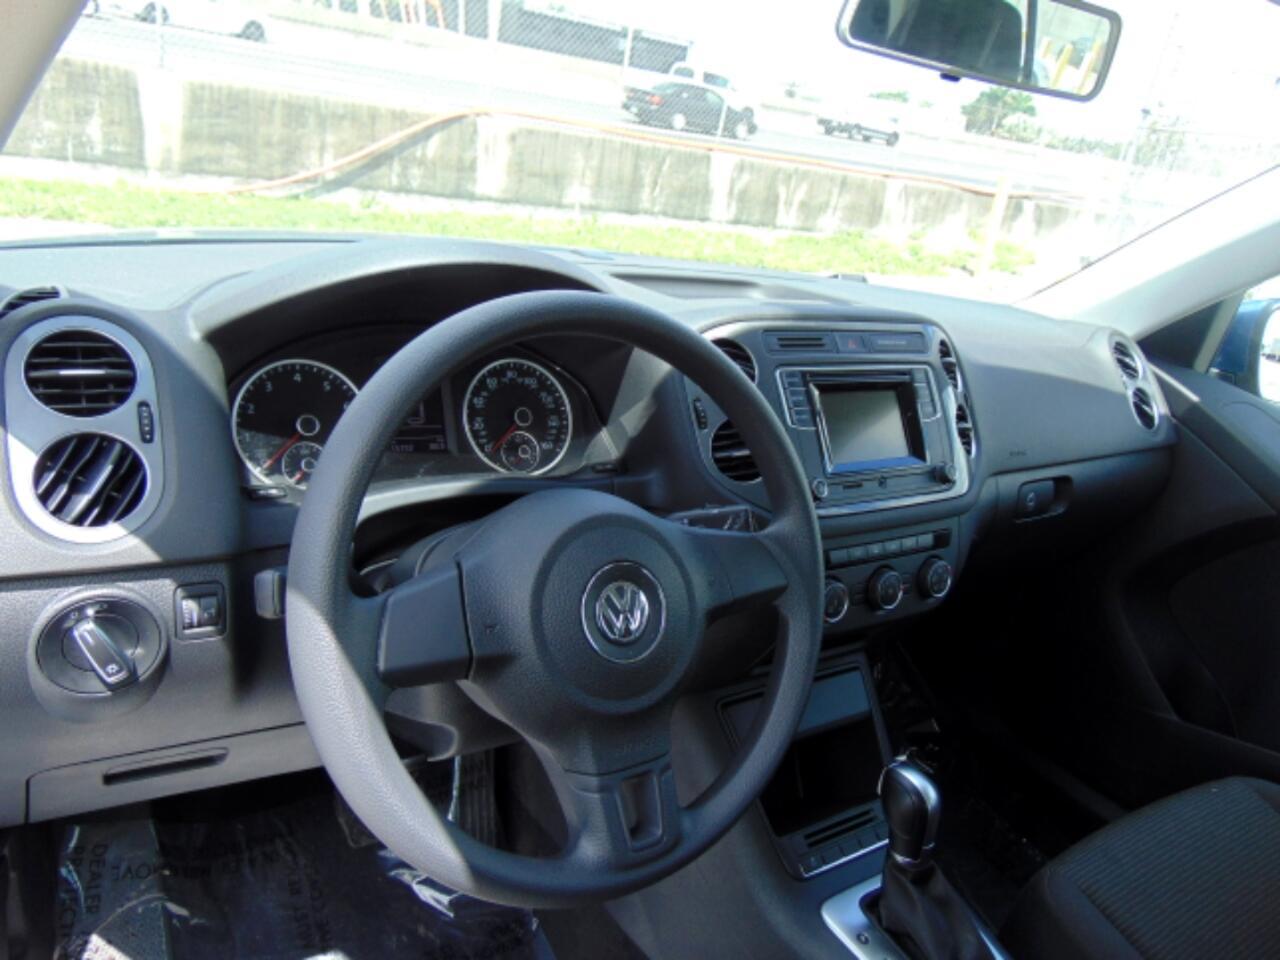 2018 Volkswagen Tiguan Limited 2.0T FWD